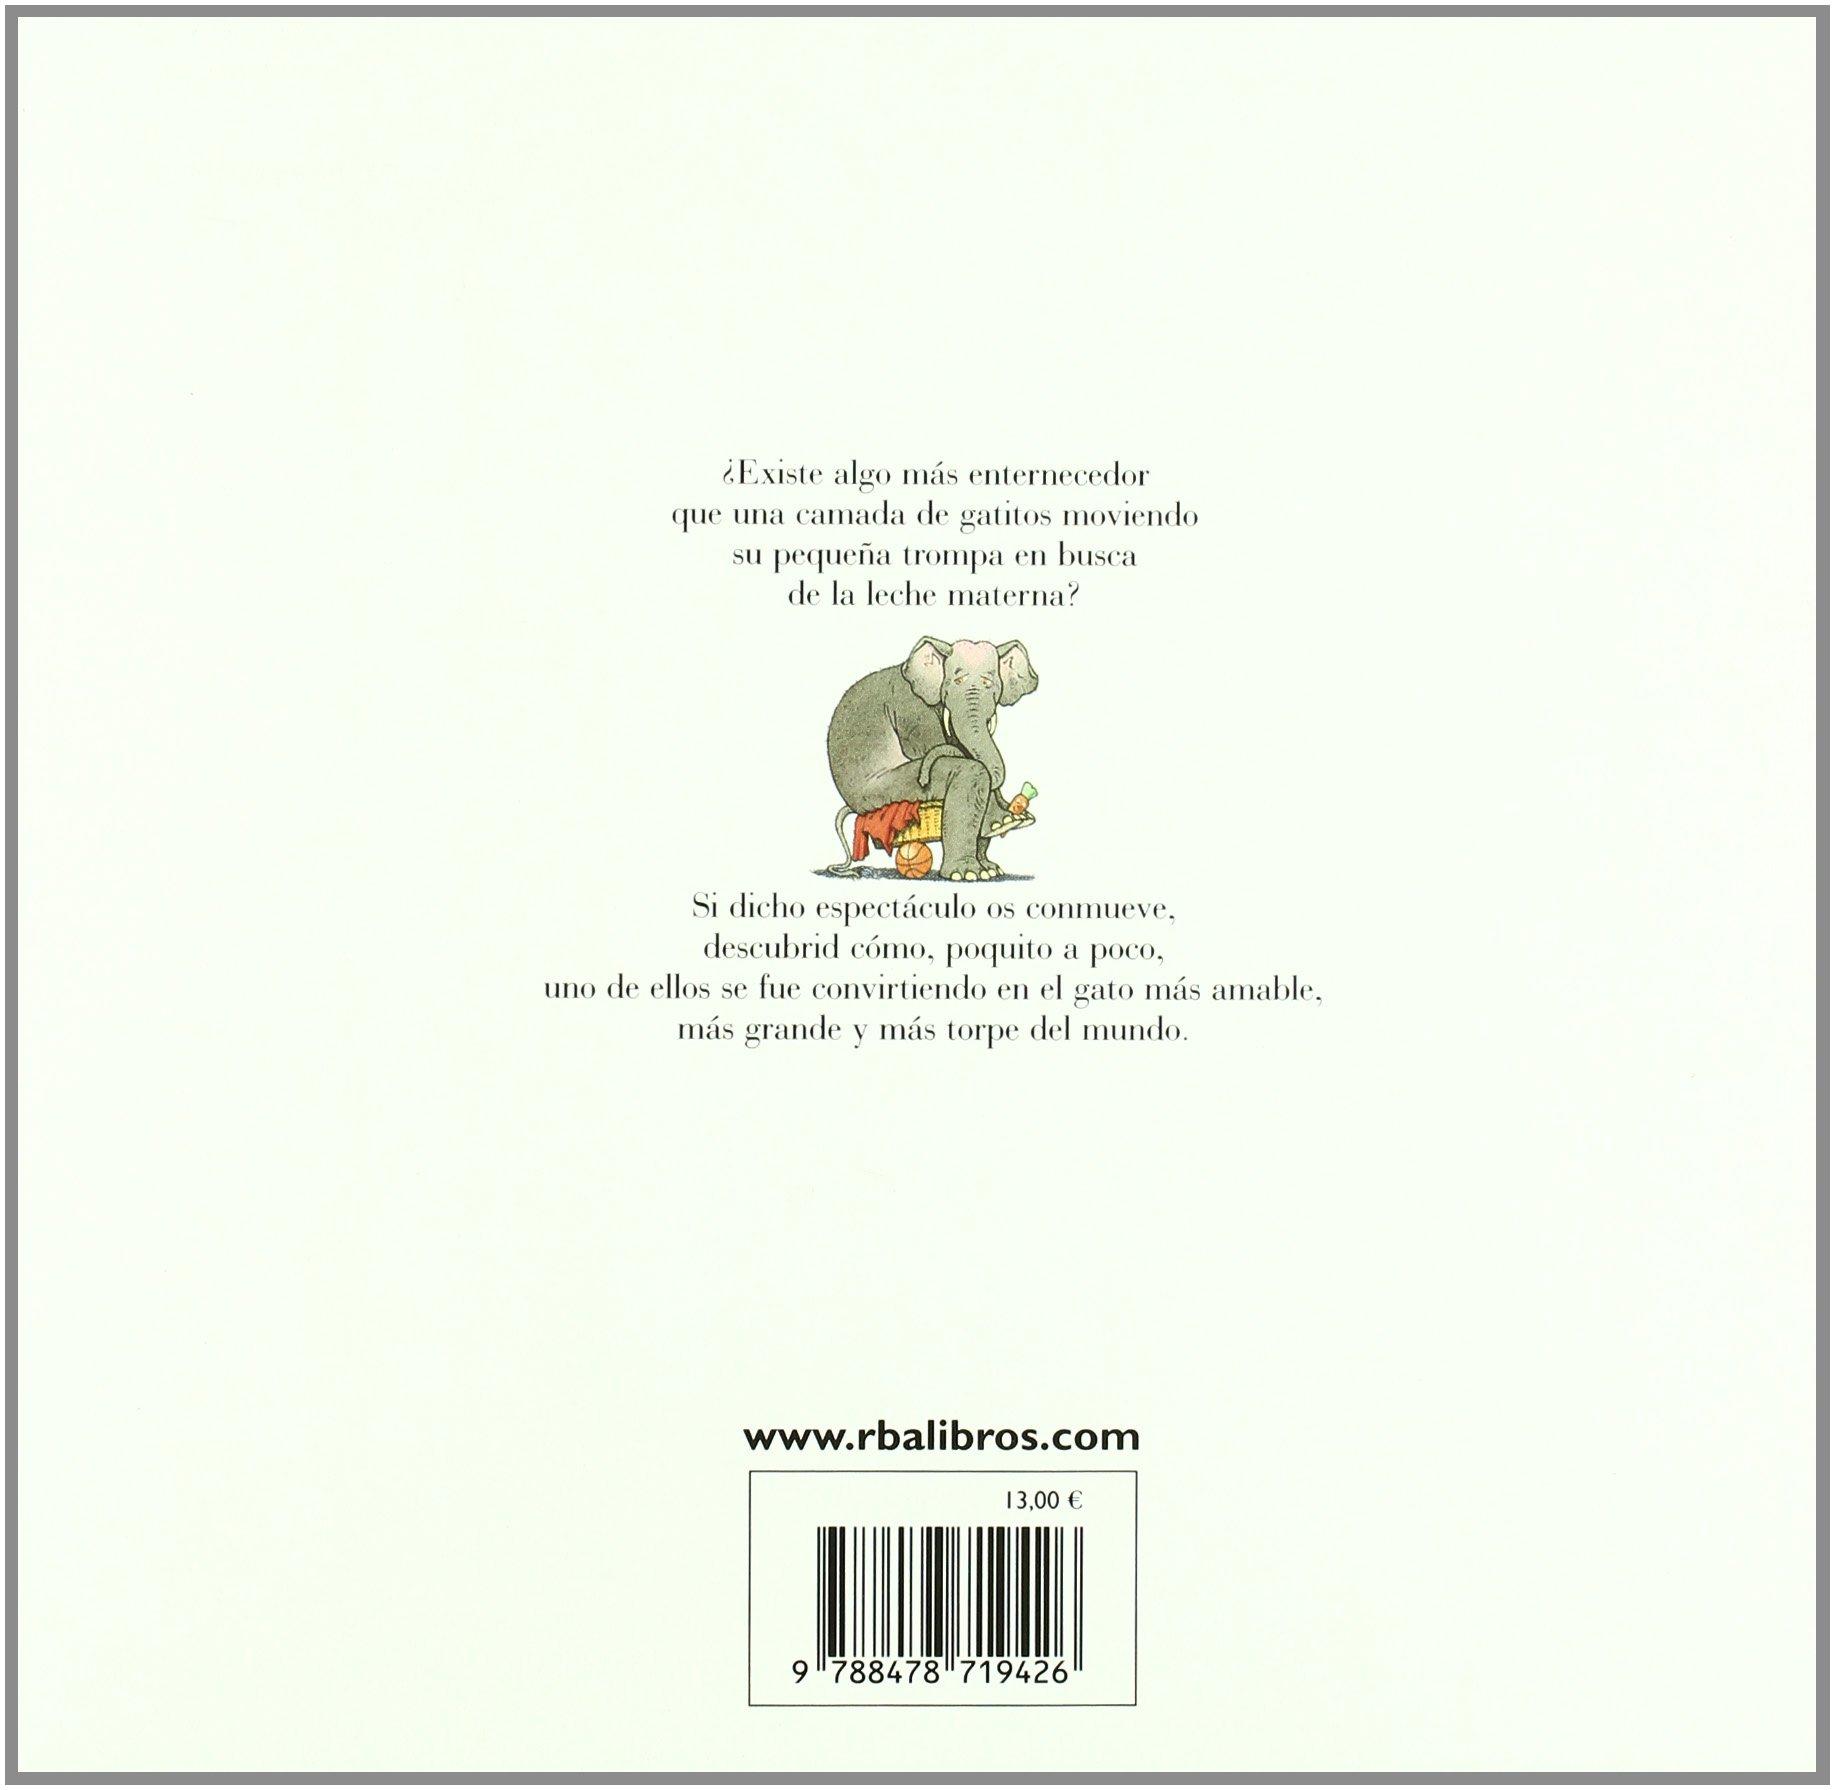 Amazon.com: Cuando Mi Gato Era Pequeno (Spanish Edition) (9788478719426): Gilles Bachelet: Books